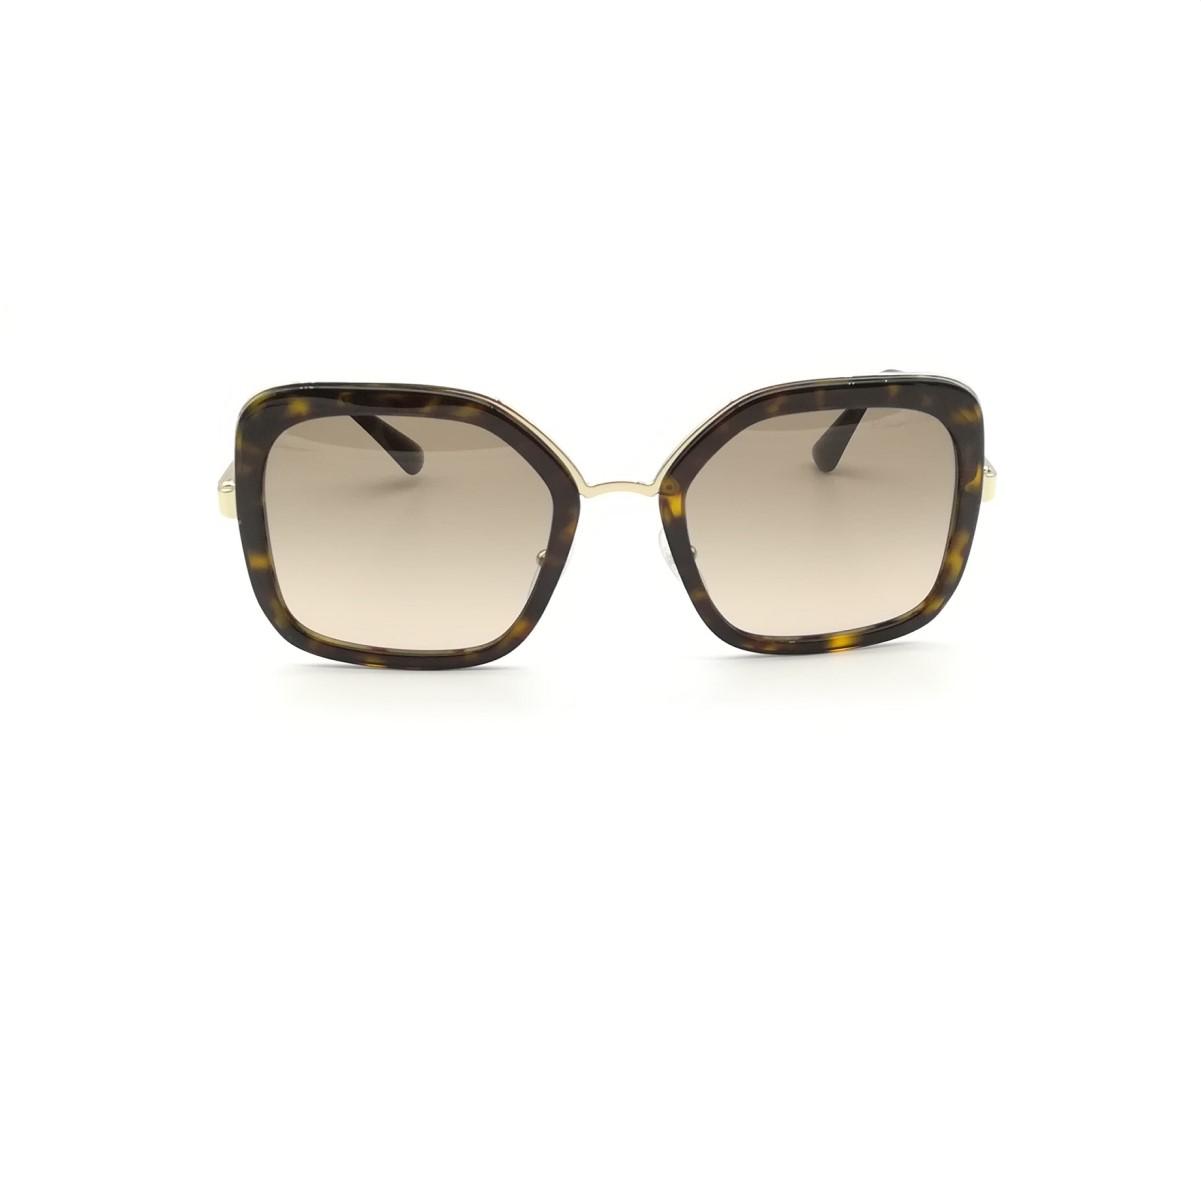 molto carino da533 52d56 PRADA occhiale da sole donna SPR 57U